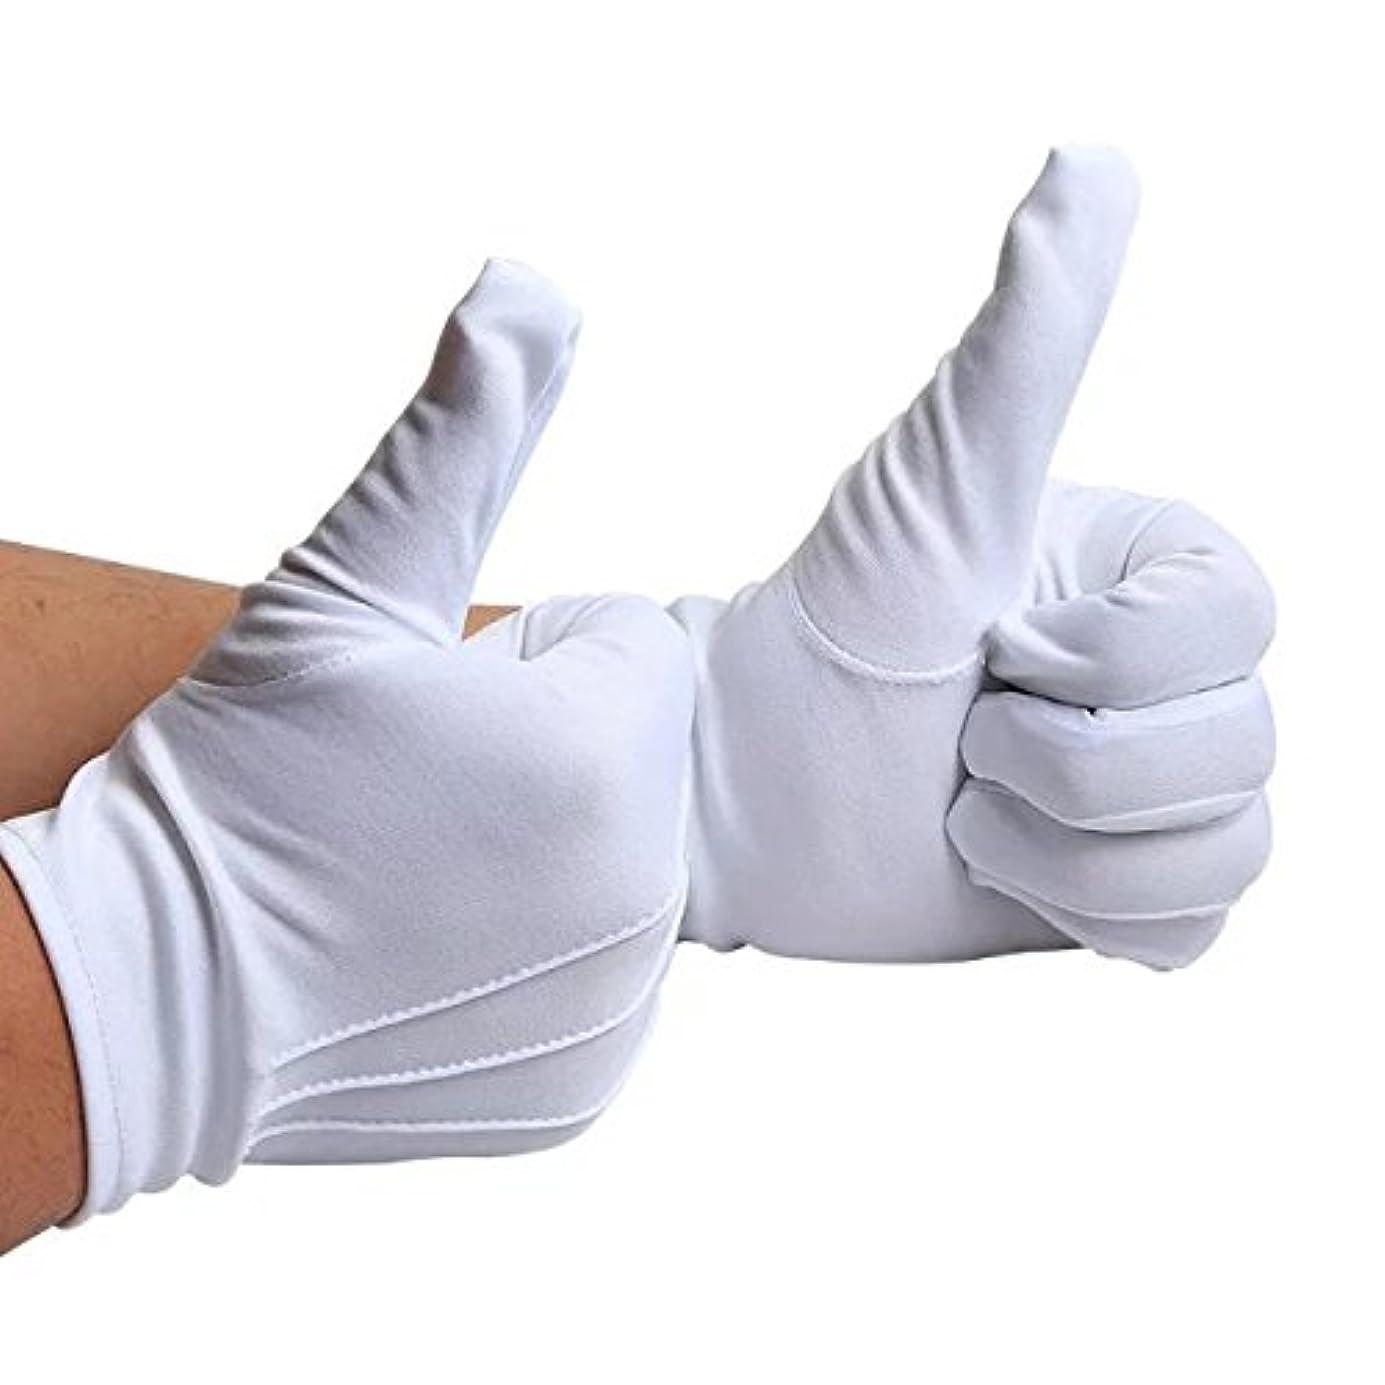 ボトルネックサーカスボランティア【10双組セット】 ナイロン 手袋 白 紳士 水洗い可 スリット無し